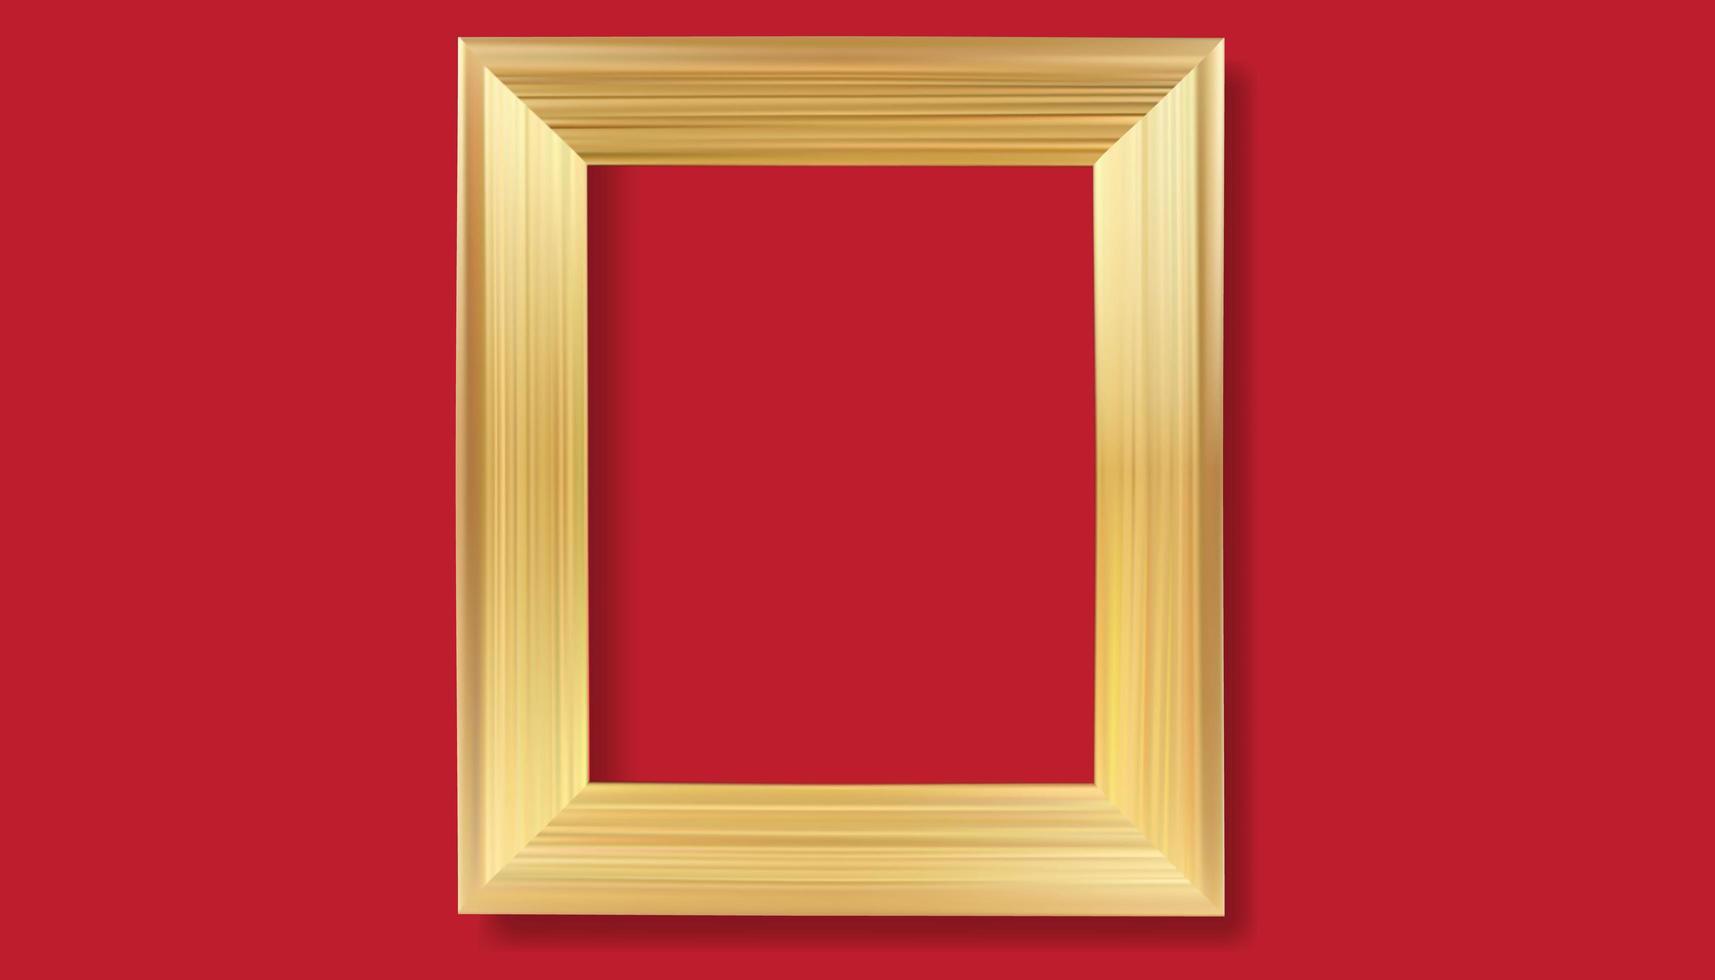 guld ram på röd bakgrund. vektor realistiska isolerade gyllene glänsande glödande ram ram.